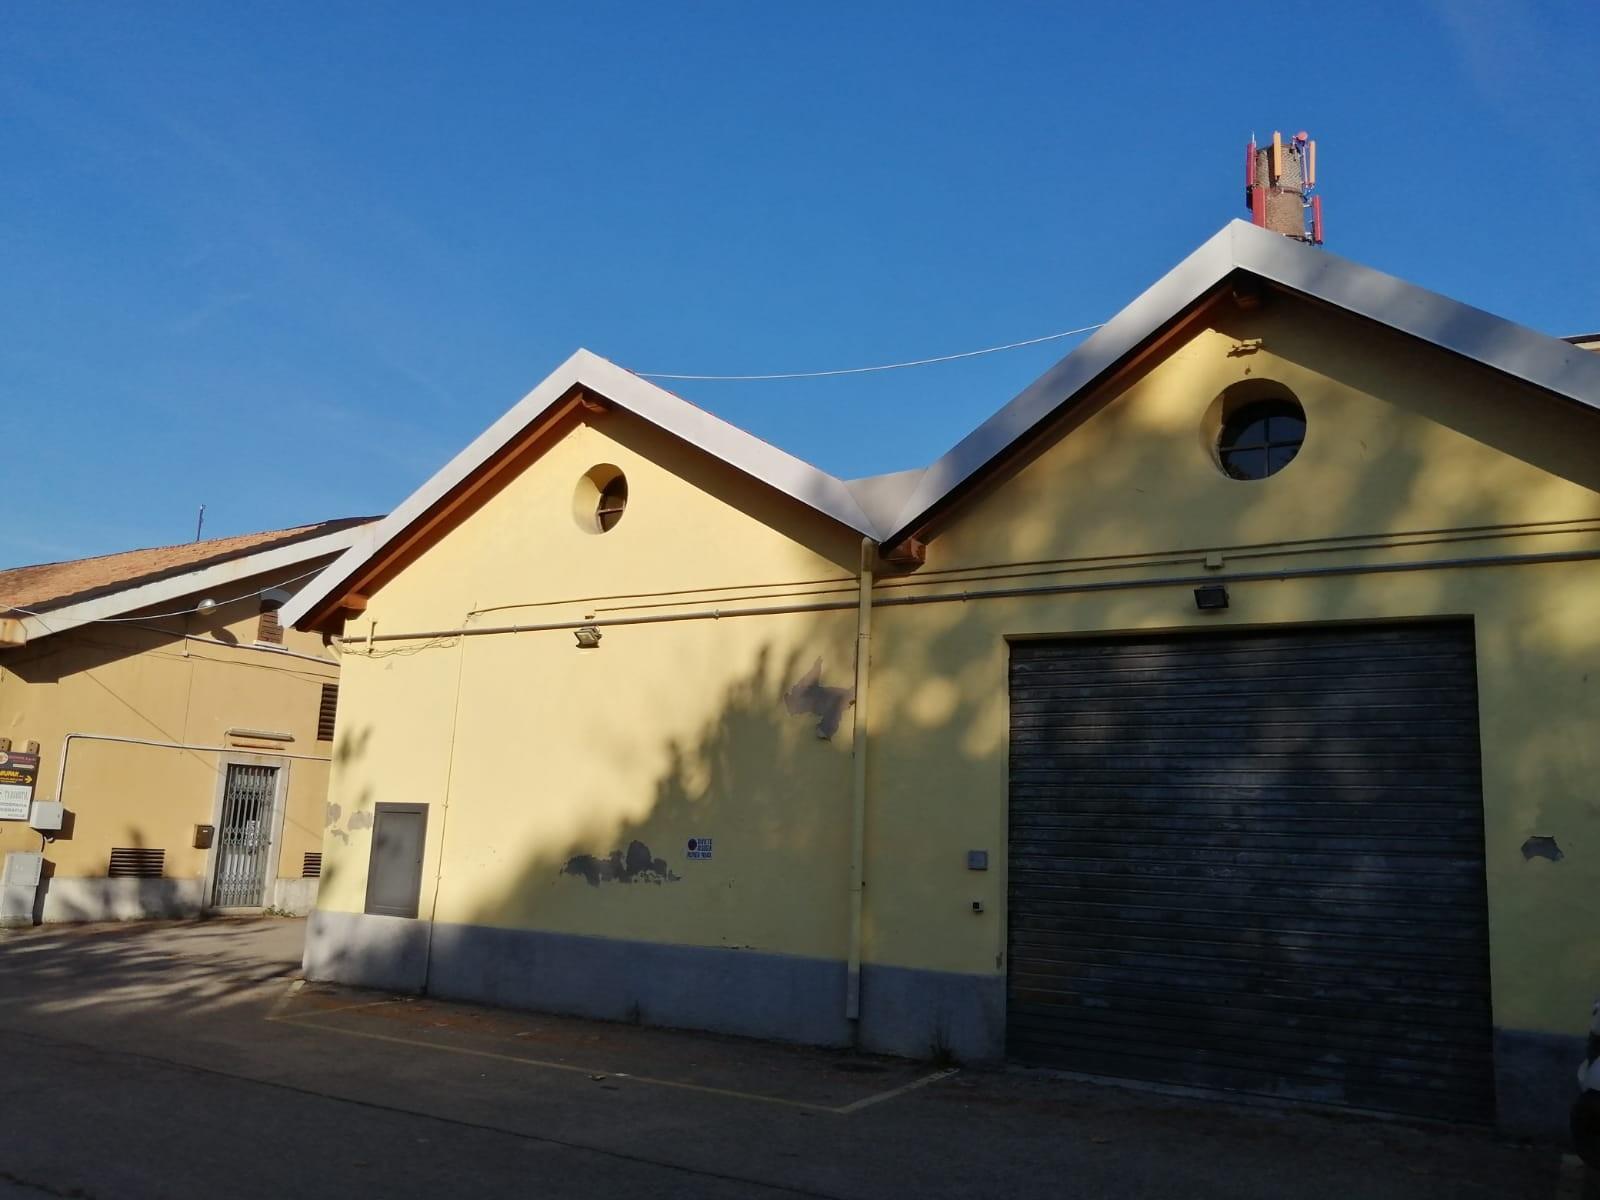 Foto 1 - Laboratorio in Vendita - Seveso (Monza e Brianza)